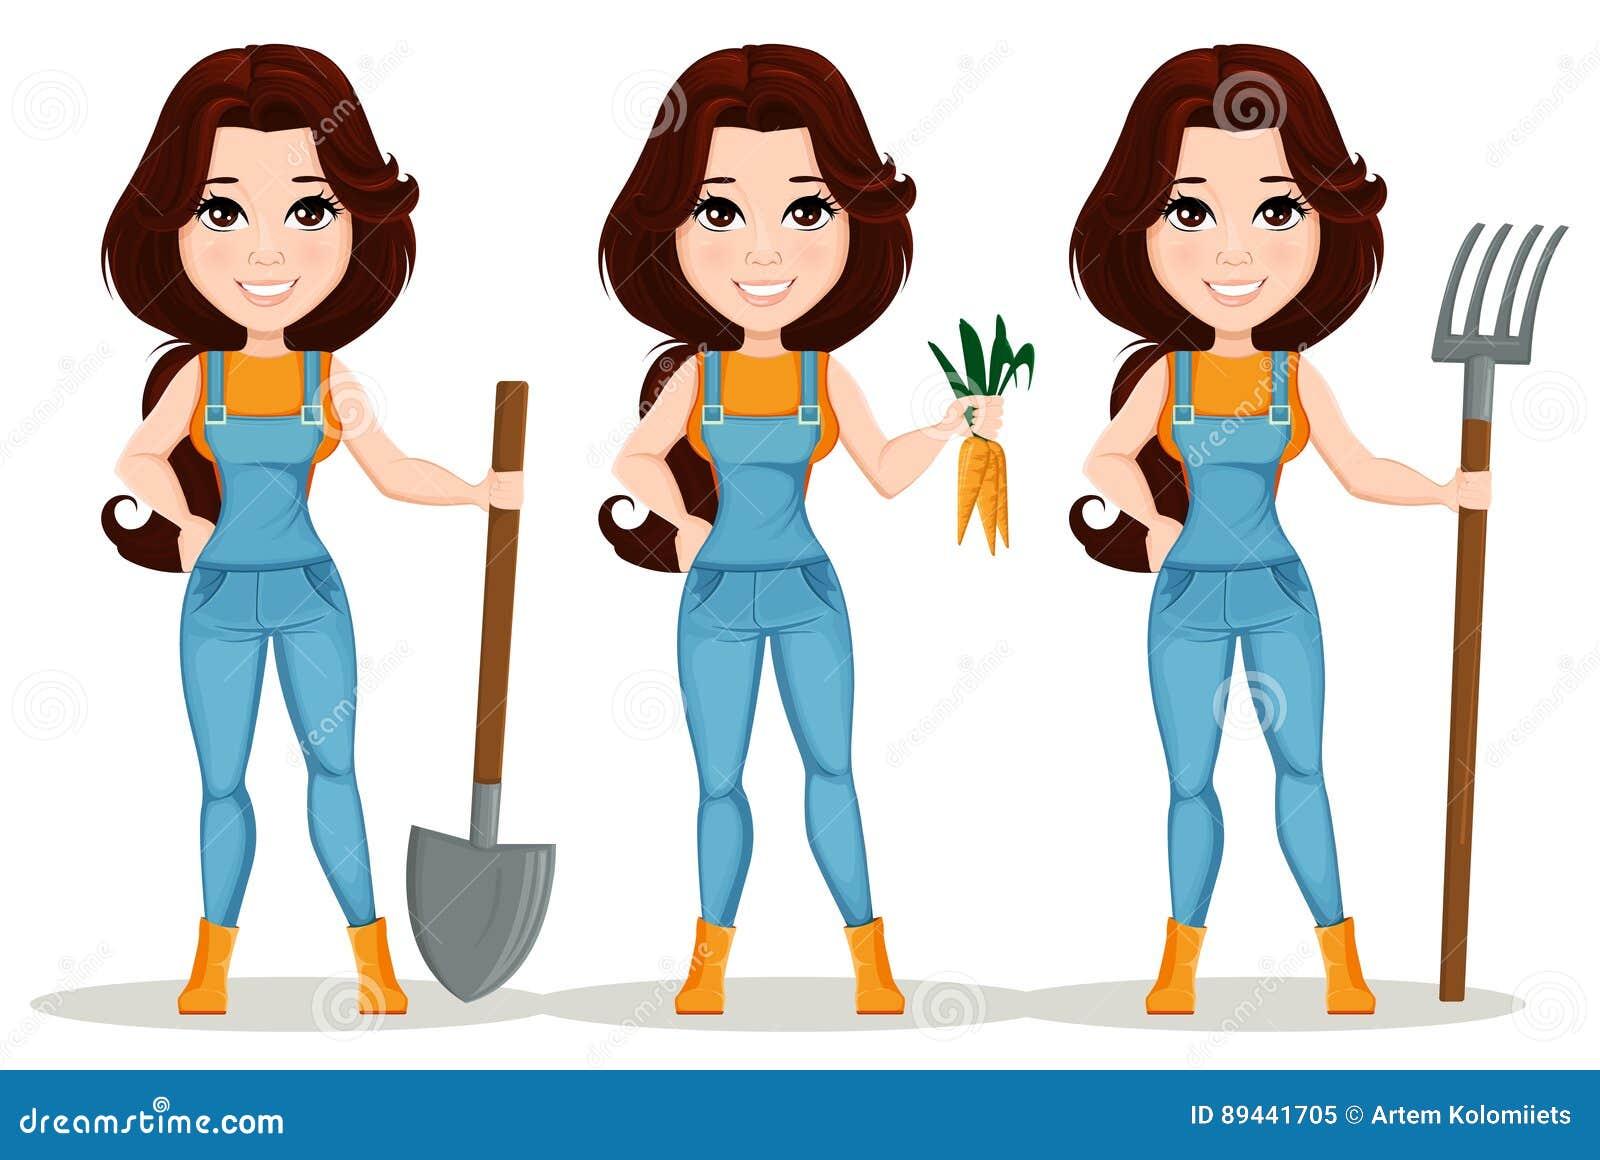 fille d 39 agriculteur habill e dans la salopette de travail positionnement personnage de dessin. Black Bedroom Furniture Sets. Home Design Ideas